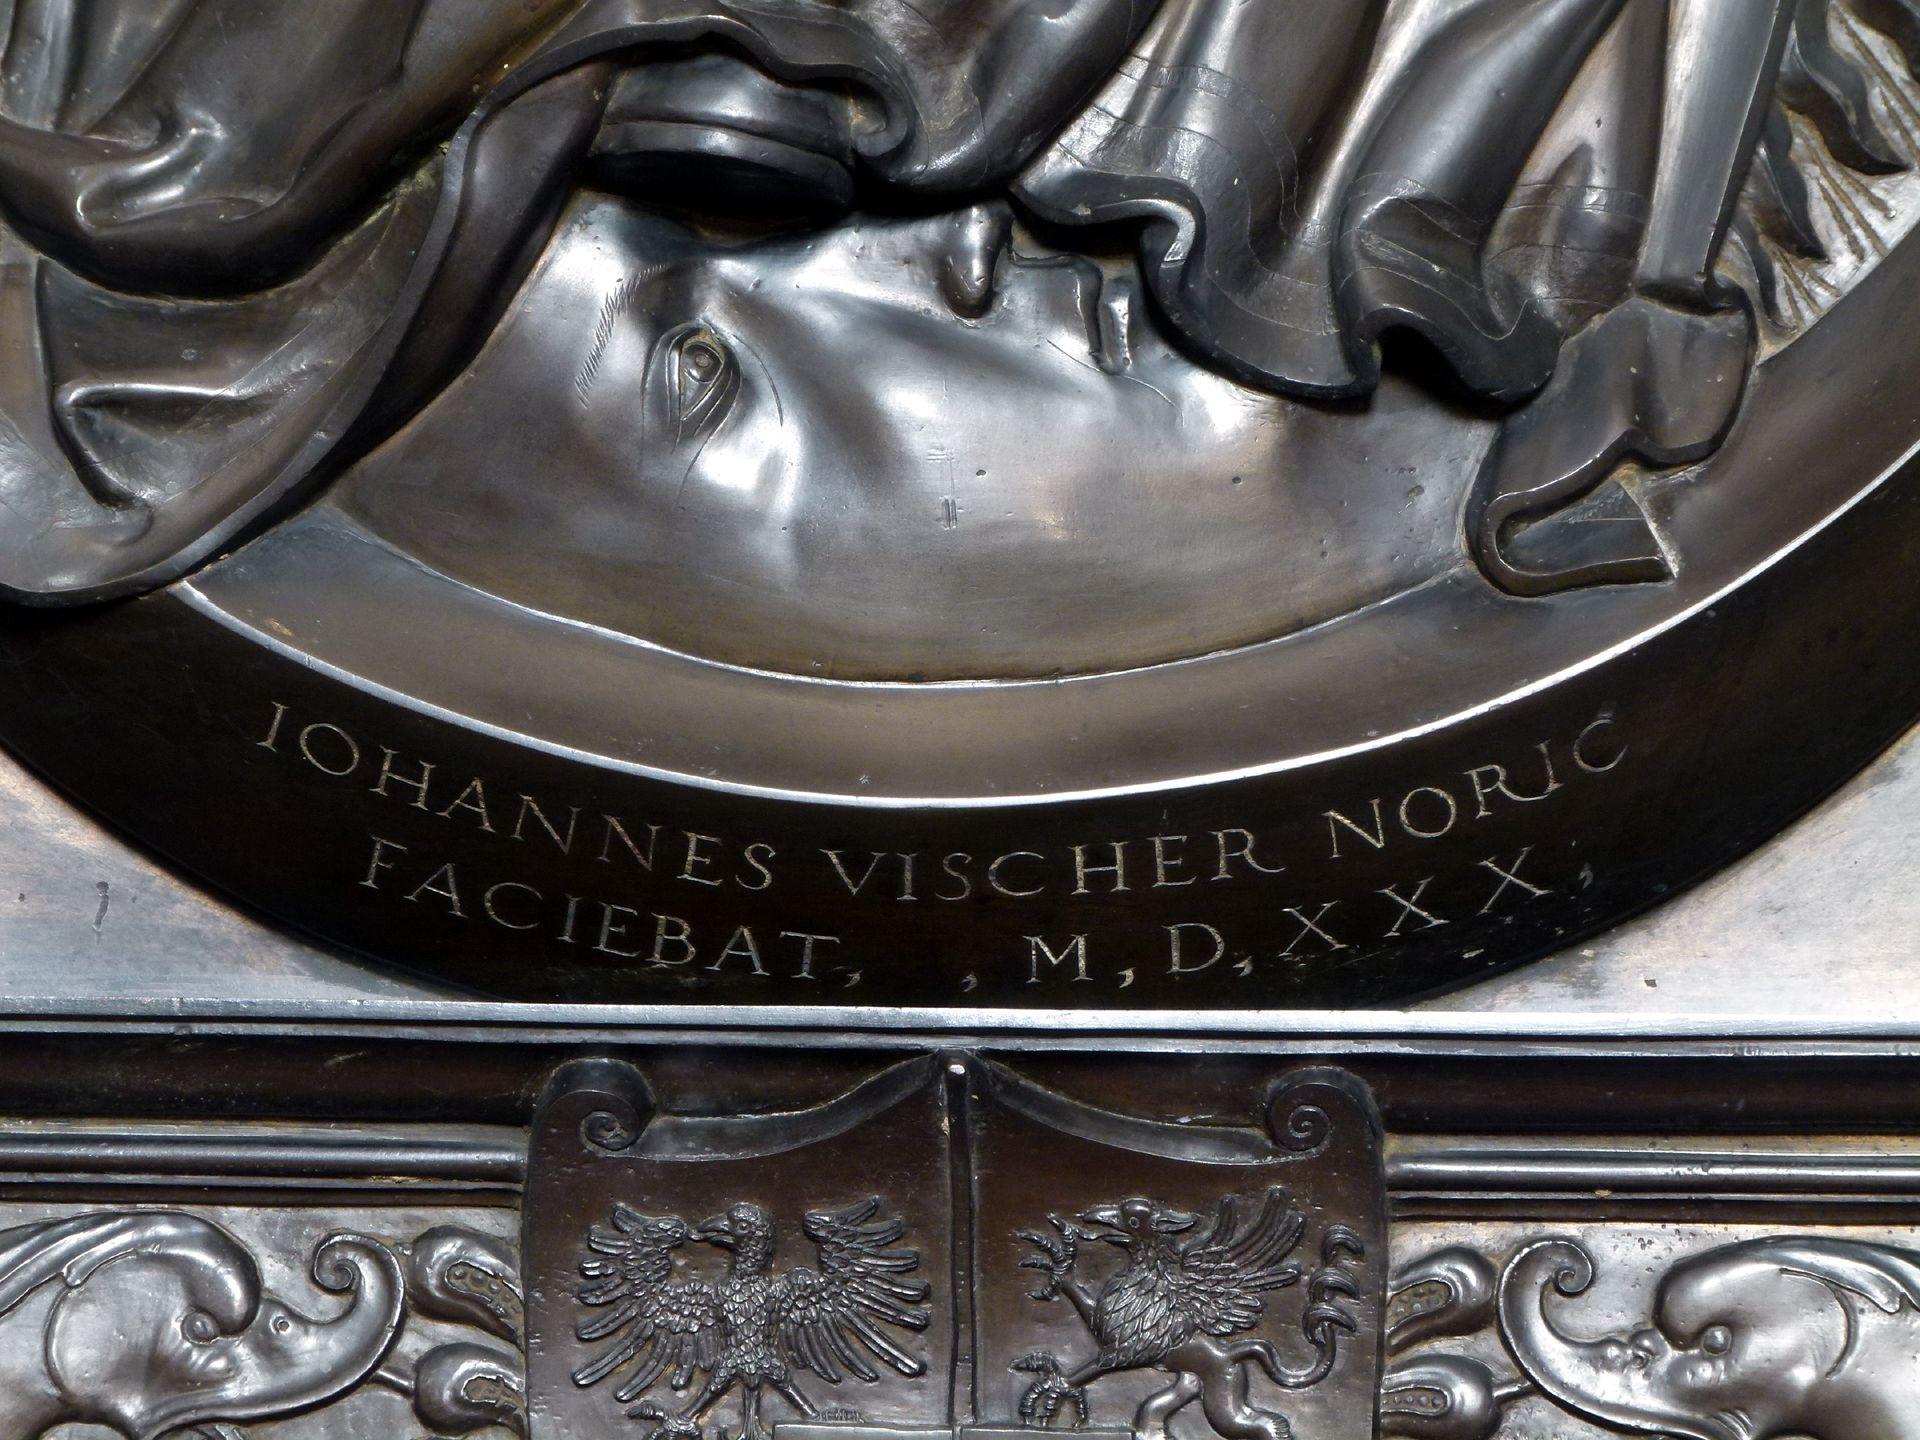 Gedächtnisanlage des Albrecht v. Brandenburg: Maria auf der Mondsichel Maria auf der Mondsichel, Signatur des Künstlers und Datierung